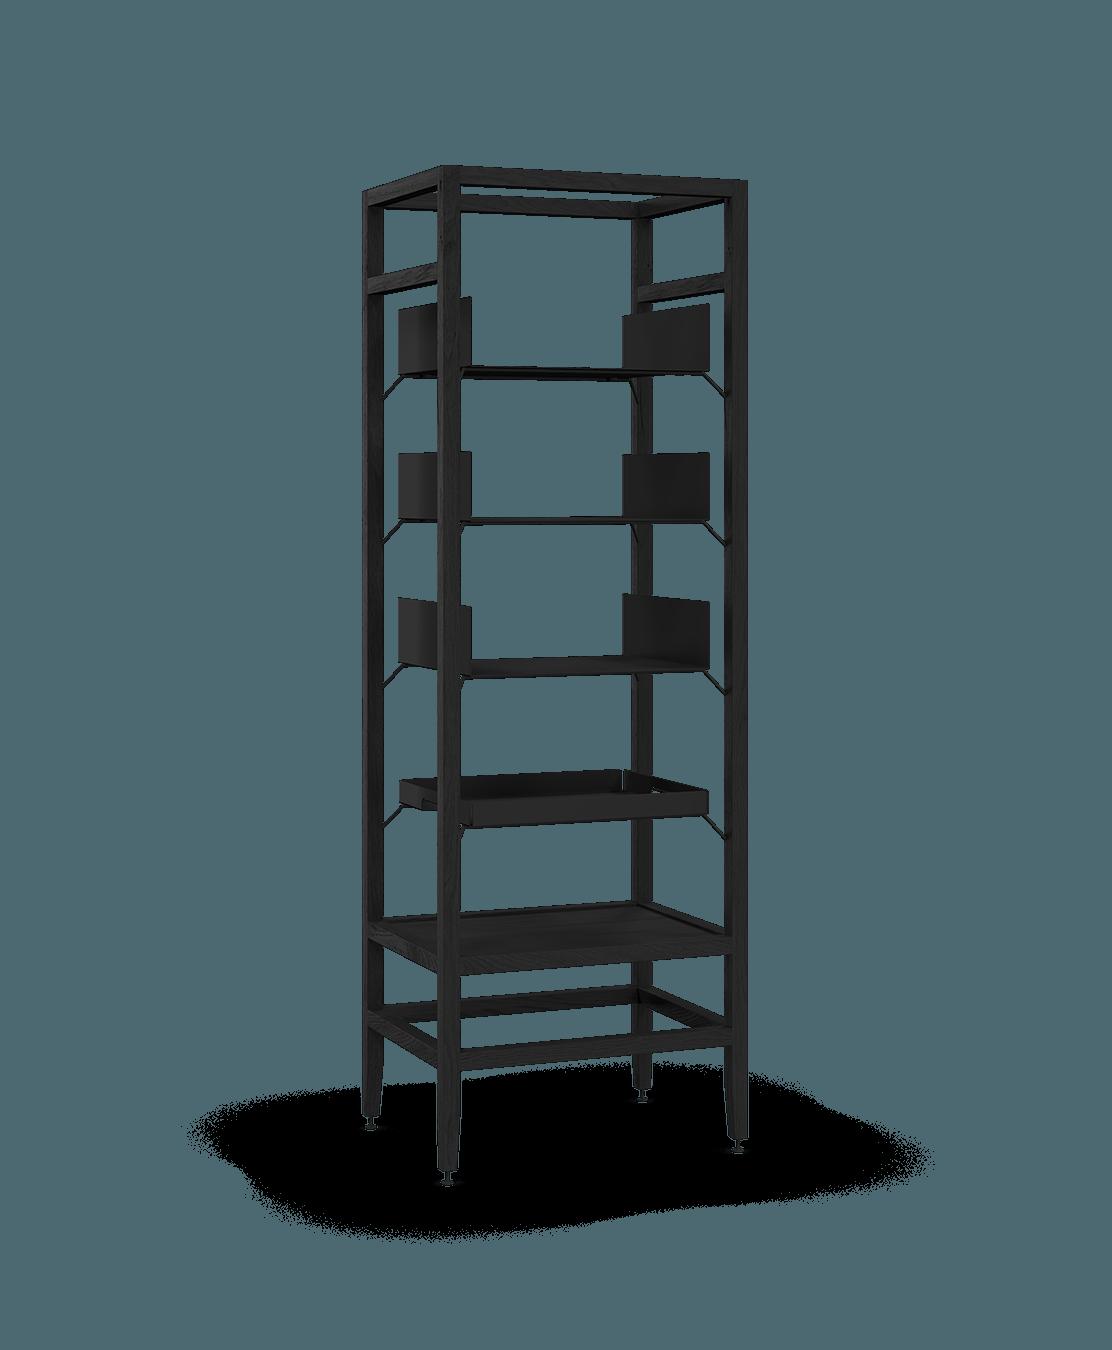 étagère bibliothèque haute modulaire de rangement en bois massif coquo volitare avec 3 tablettes 1 cabaret amovible chêne teint noir nuit profonde 24 pouces C2-S-2418-0002-BK